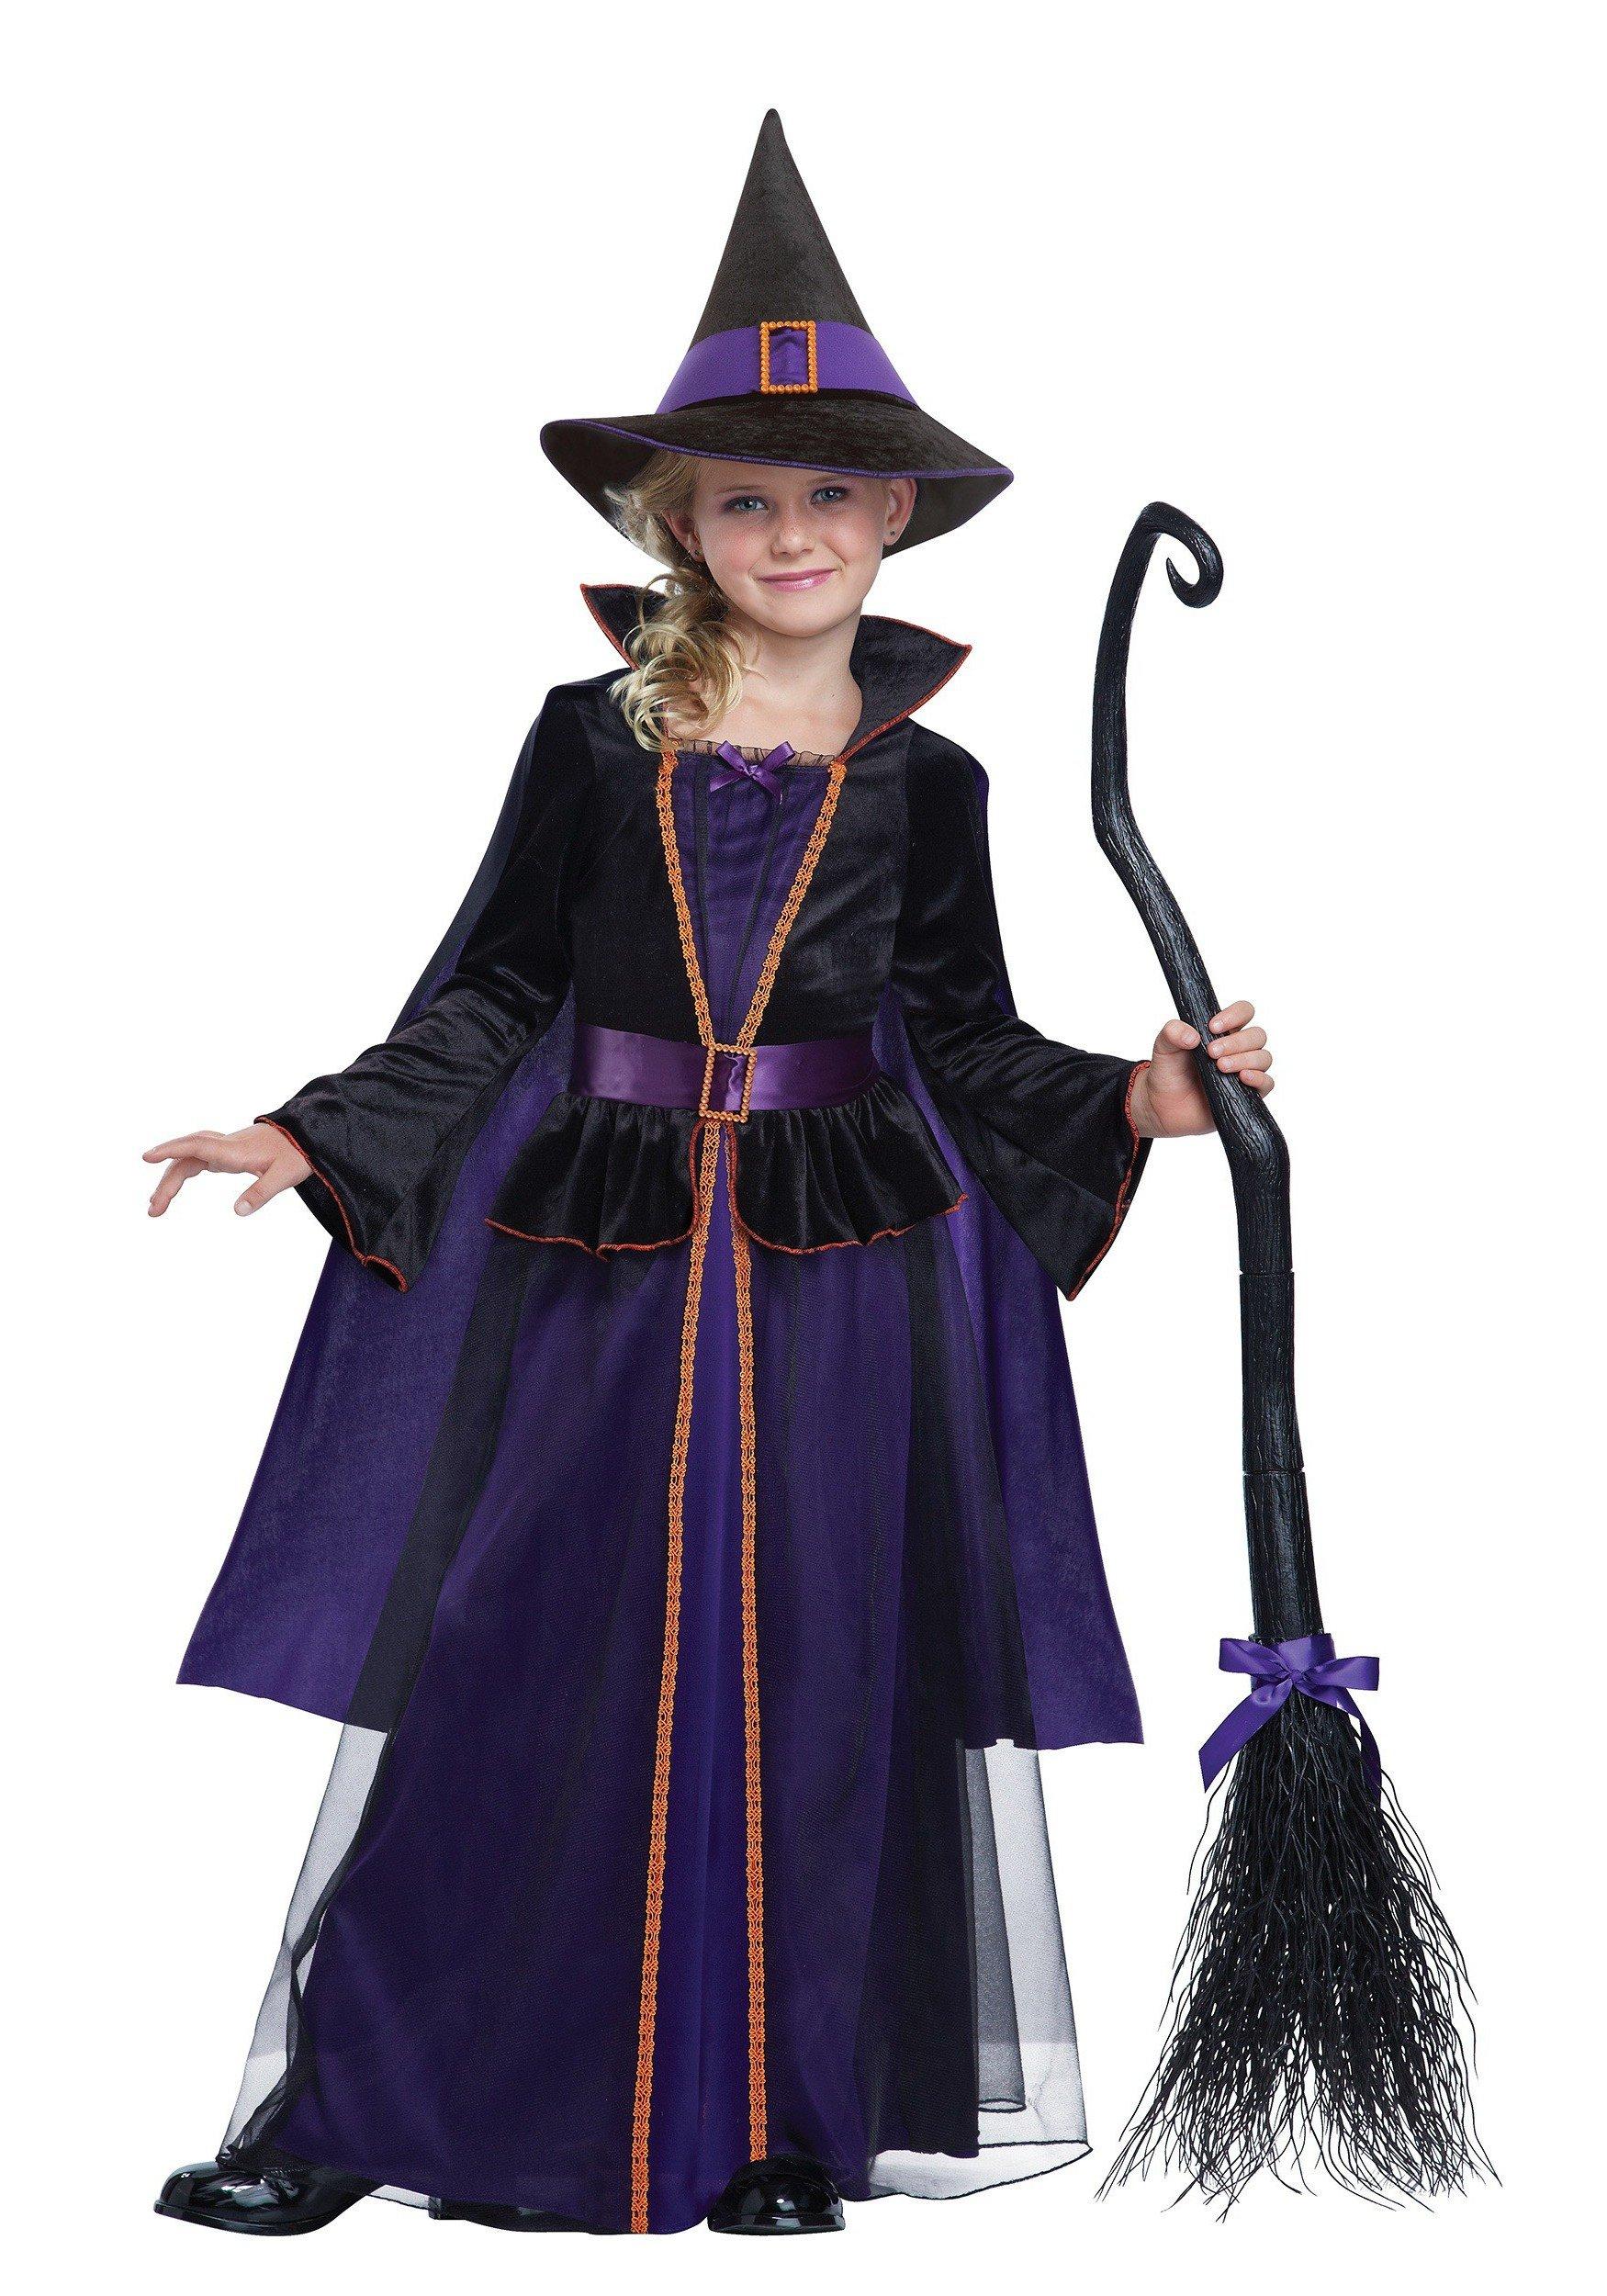 Hexenkostüm für Kinder - ein echter Klassiker